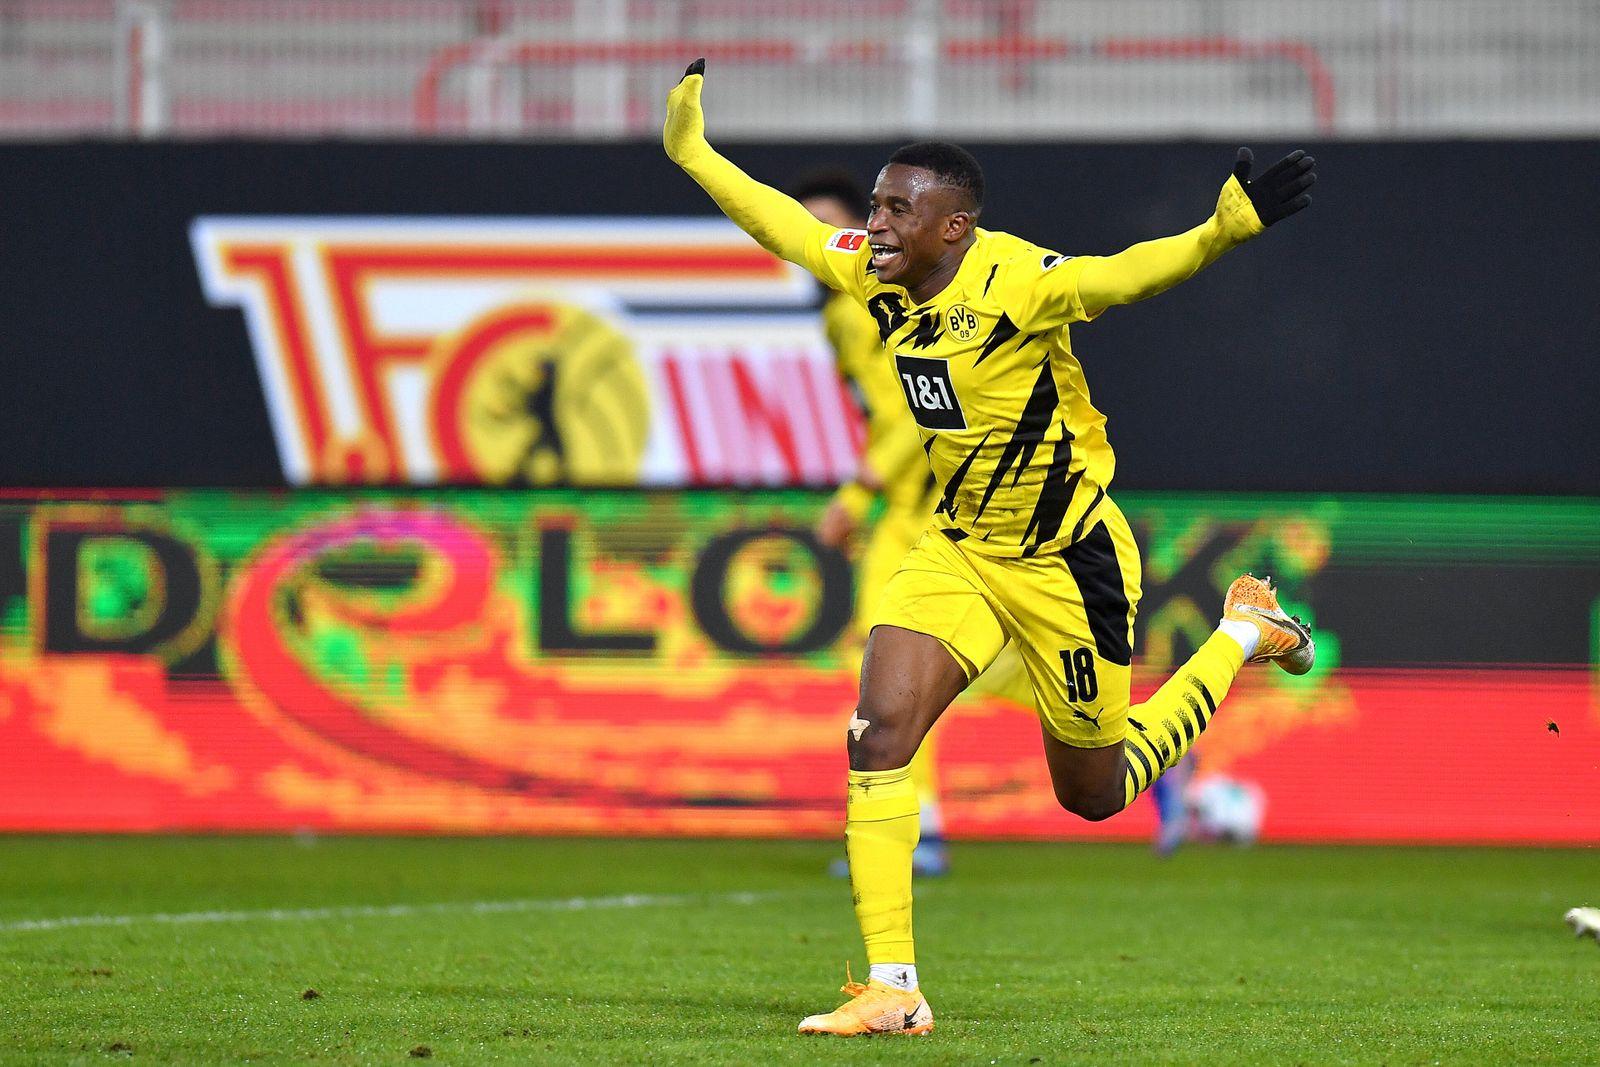 Sport Bilder des Tages Fußball: 1. Bundesliga, Saison 2020/2021, 13. Spieltag, FC Union Berlin - Borussia Dortmund am 1